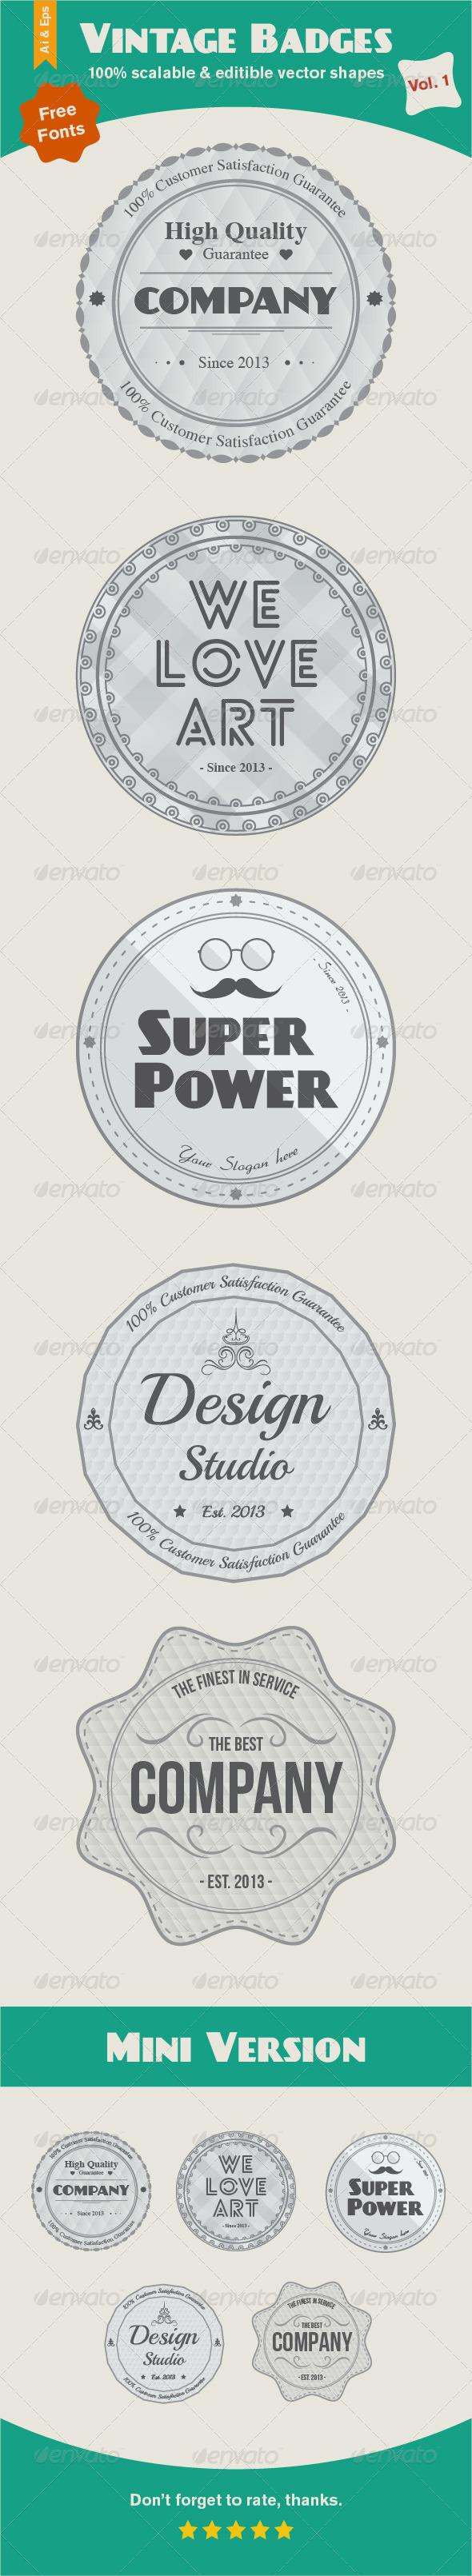 Vintage Badges Vol. 1 - Vectors